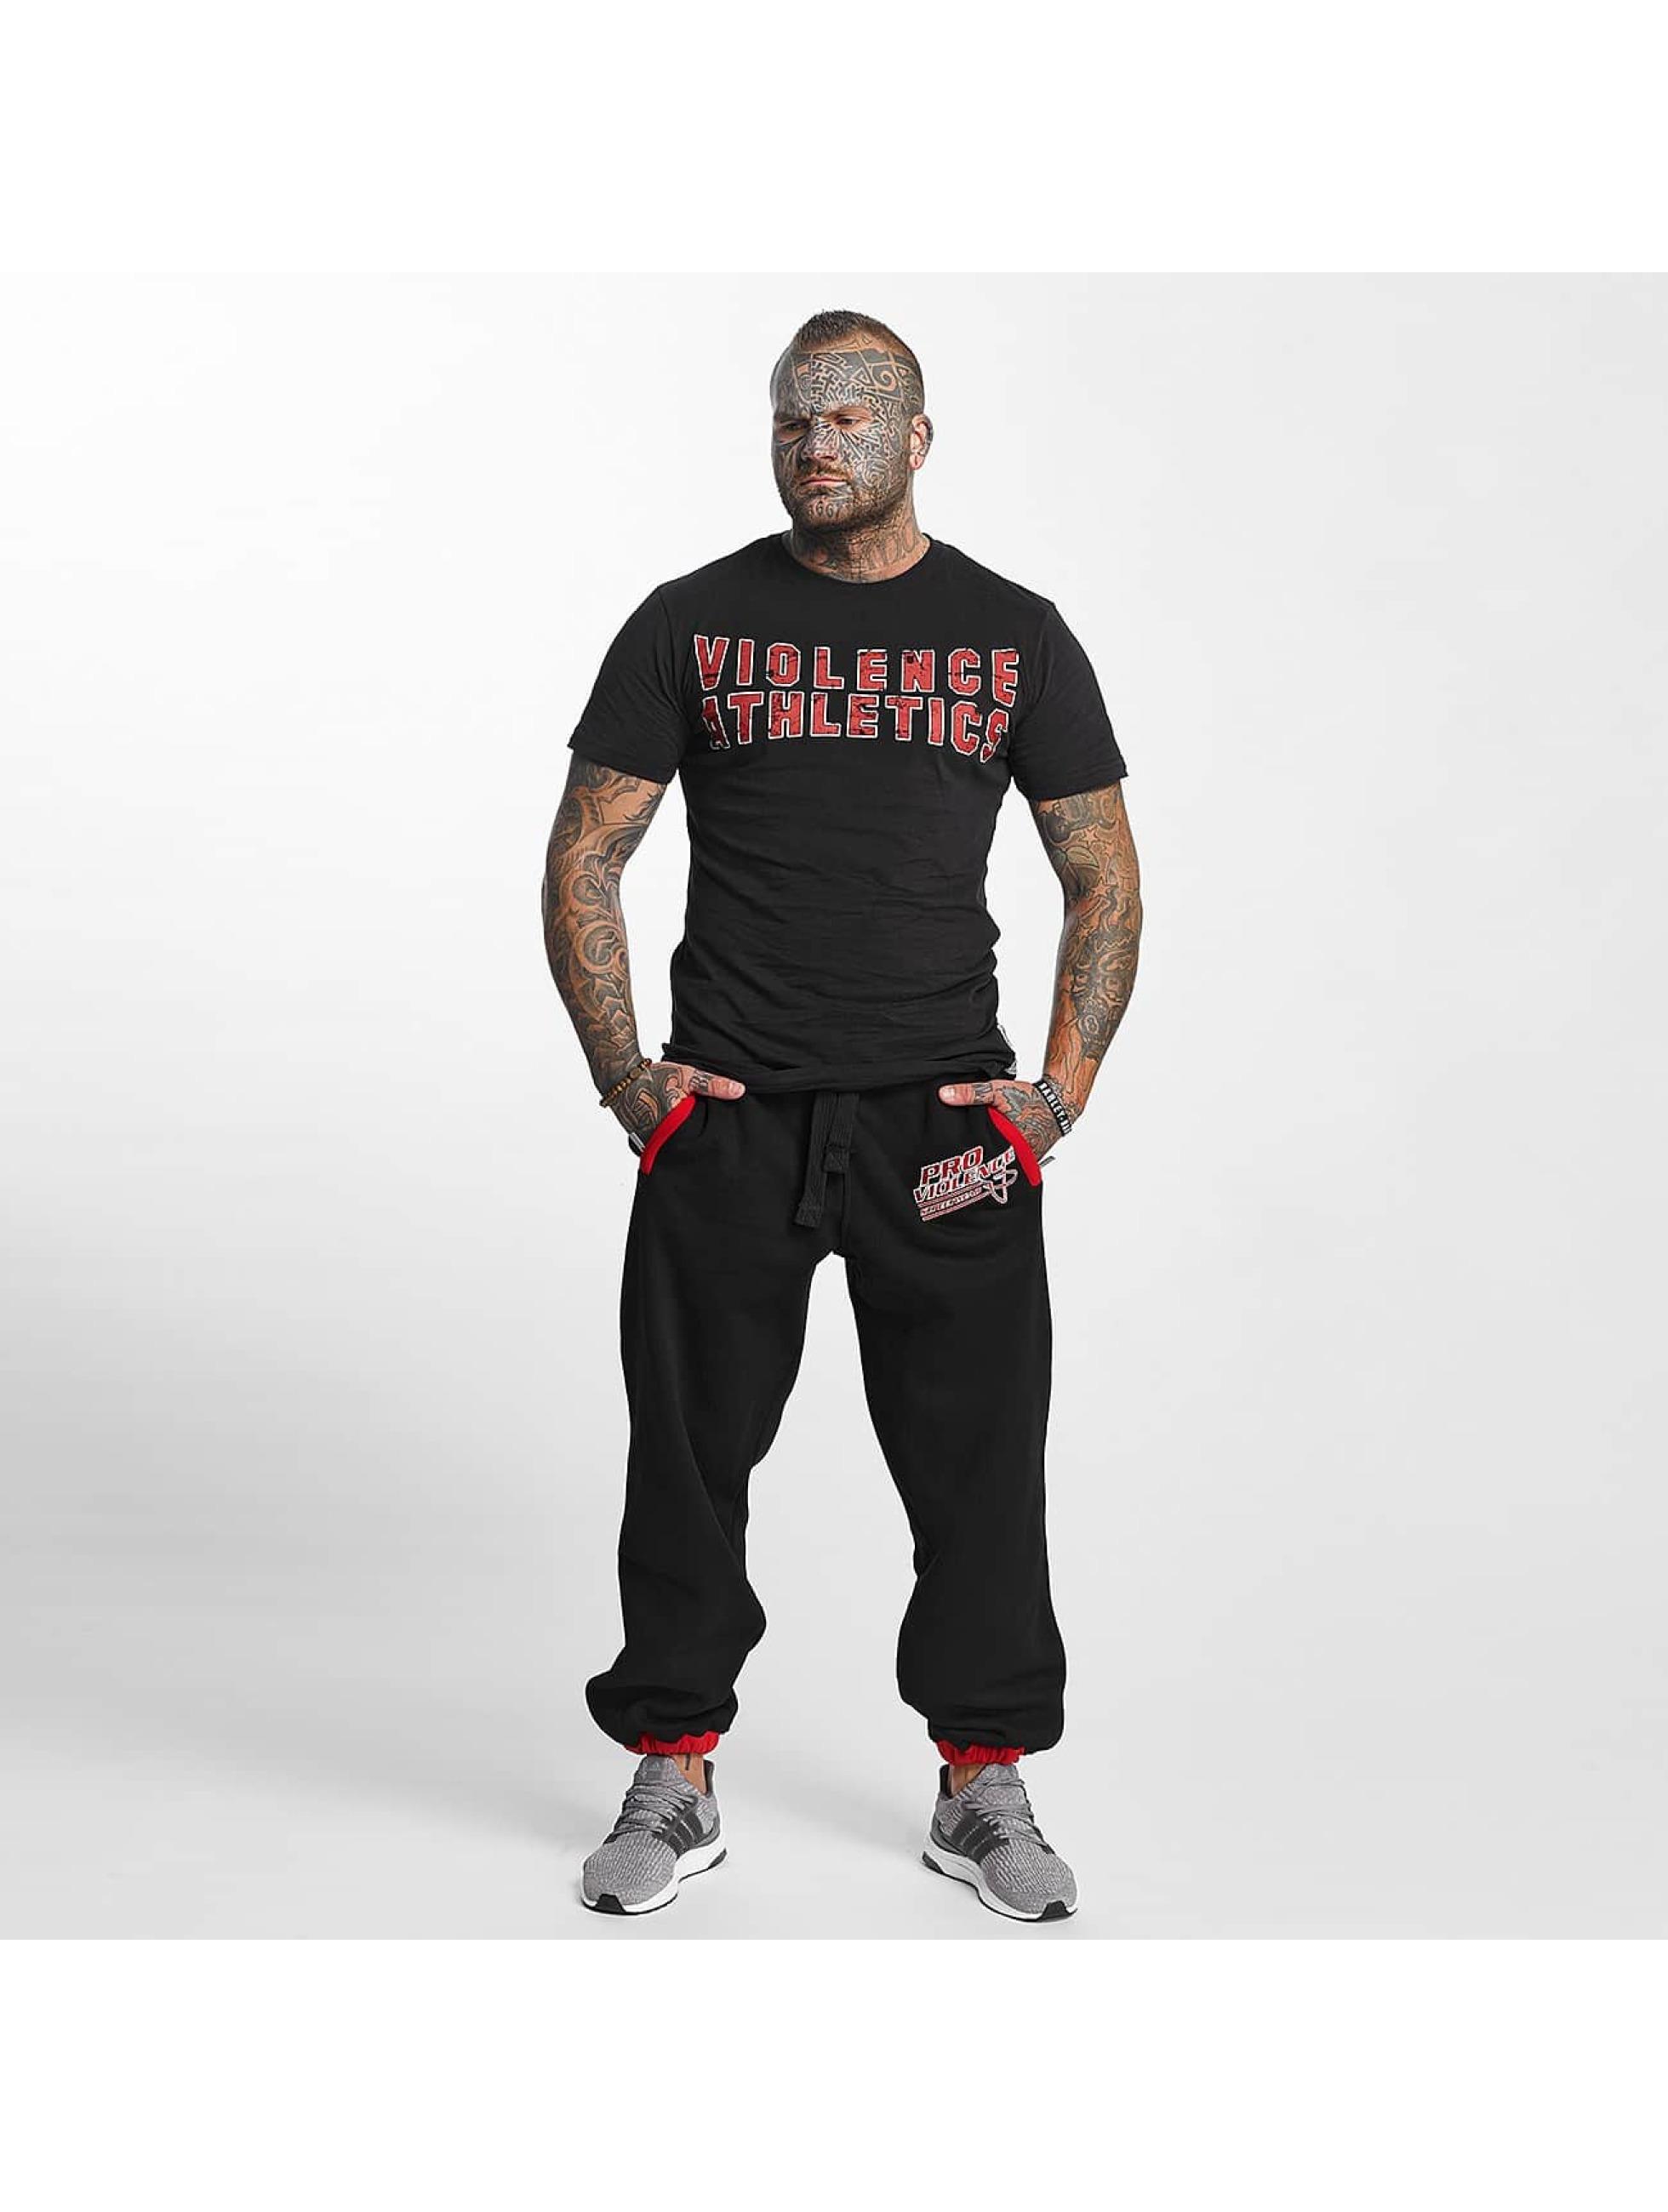 Pro Violence Streetwear T-Shirt Streetwear Athletics noir